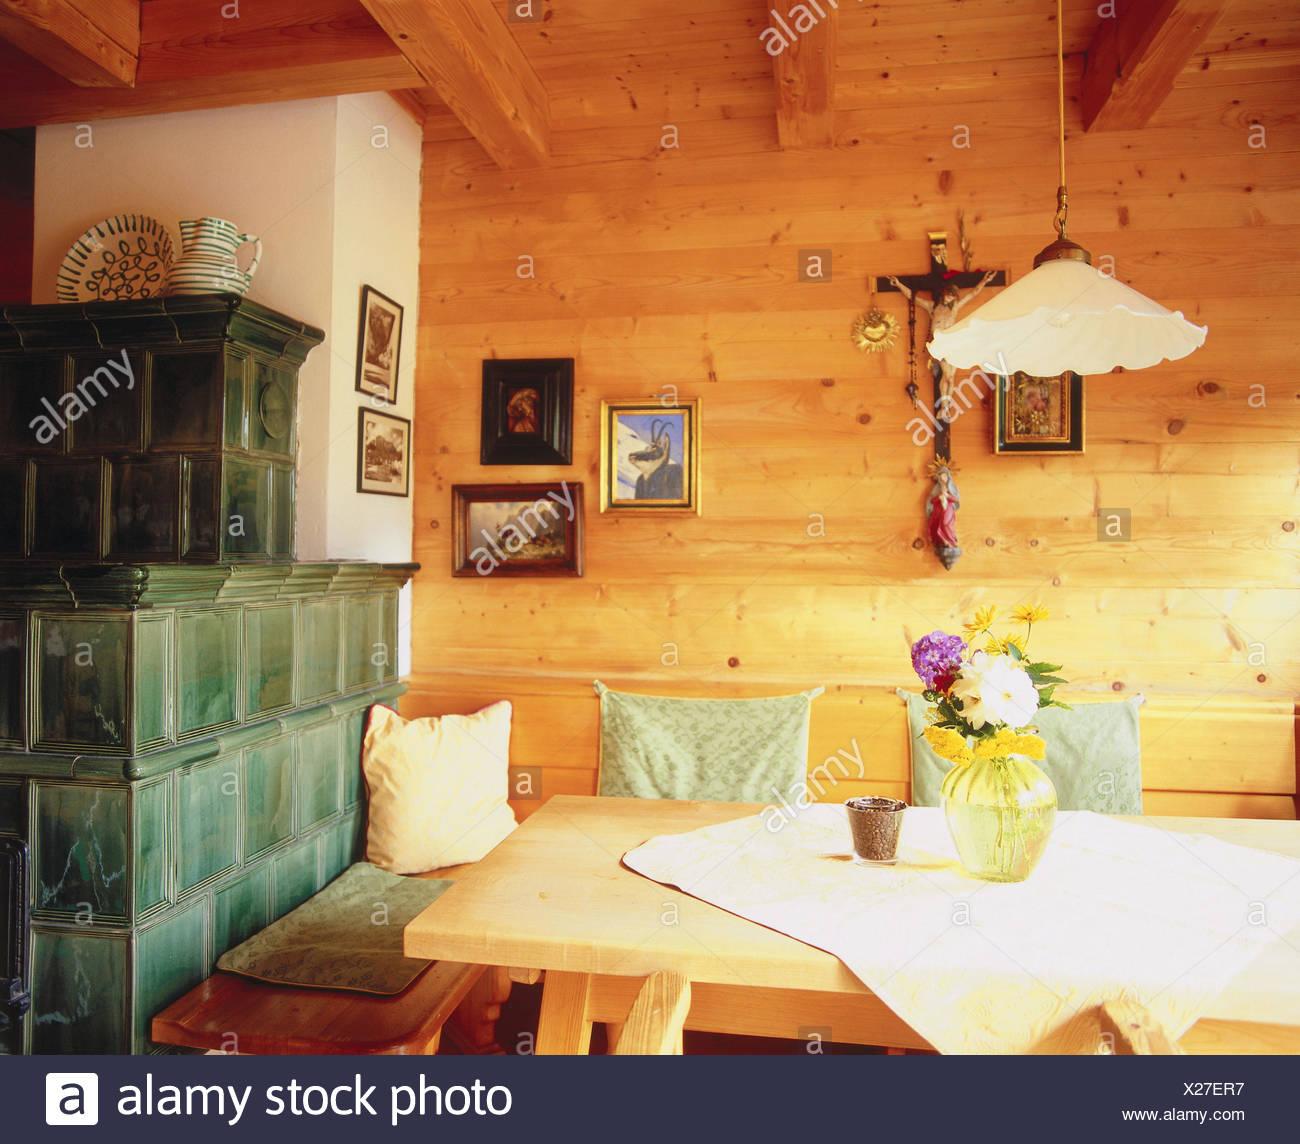 wohnraum kachelofen zimmer bauernstube kuche wohnraum essecke eckbank esstisch